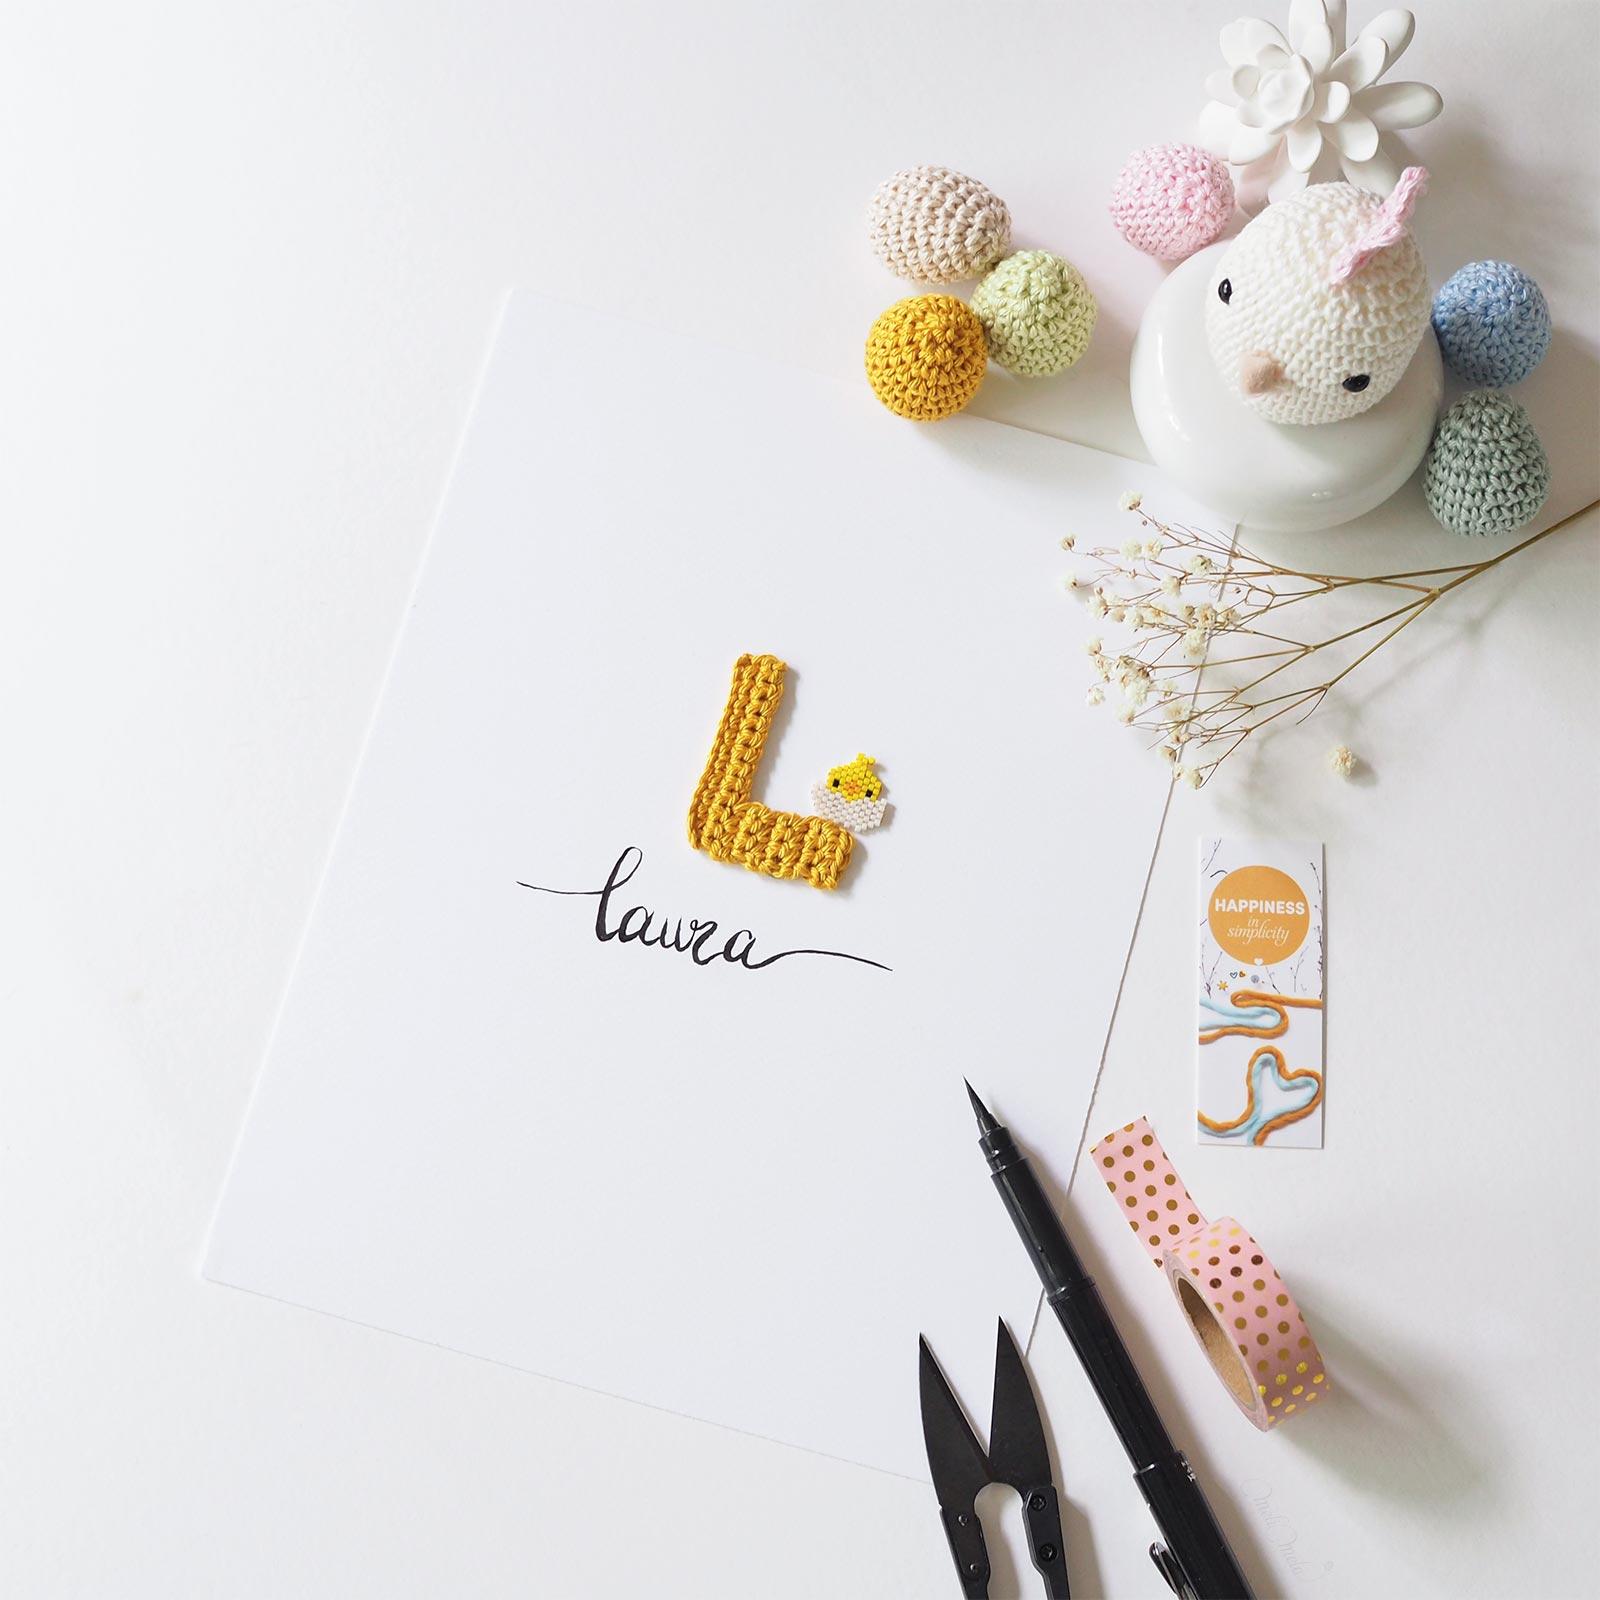 Affiche calligraphiée poussin crochet perles miyuki Laura La Boutique de MeliMelo